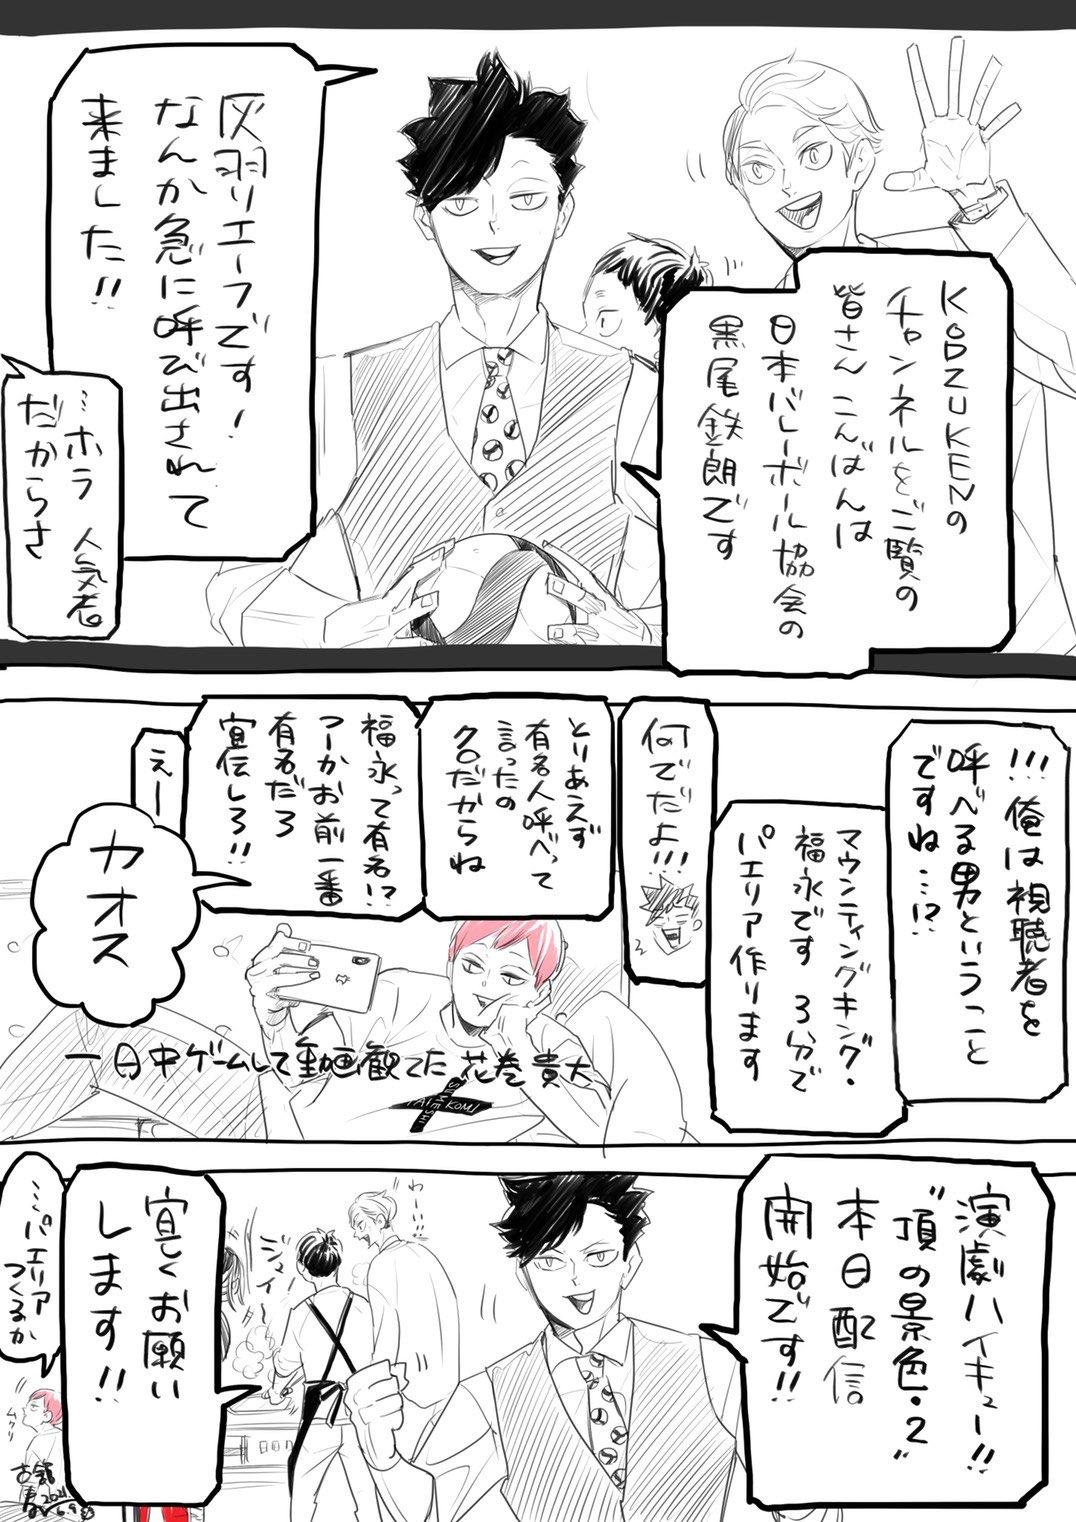 演劇「ハイキュー!!」配信開始宣伝イラスト